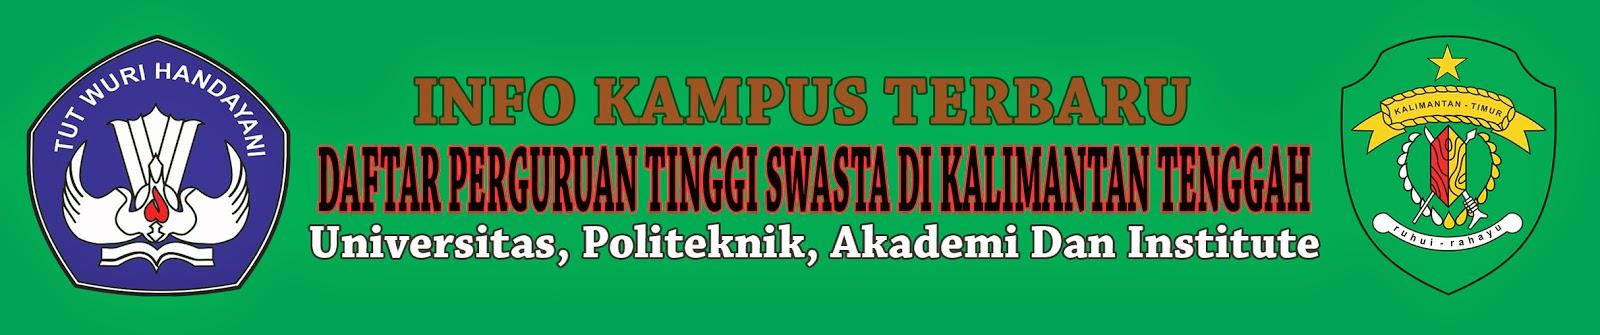 Daftar Perguruan Tinggi Swasta Di Kalimantan Timur